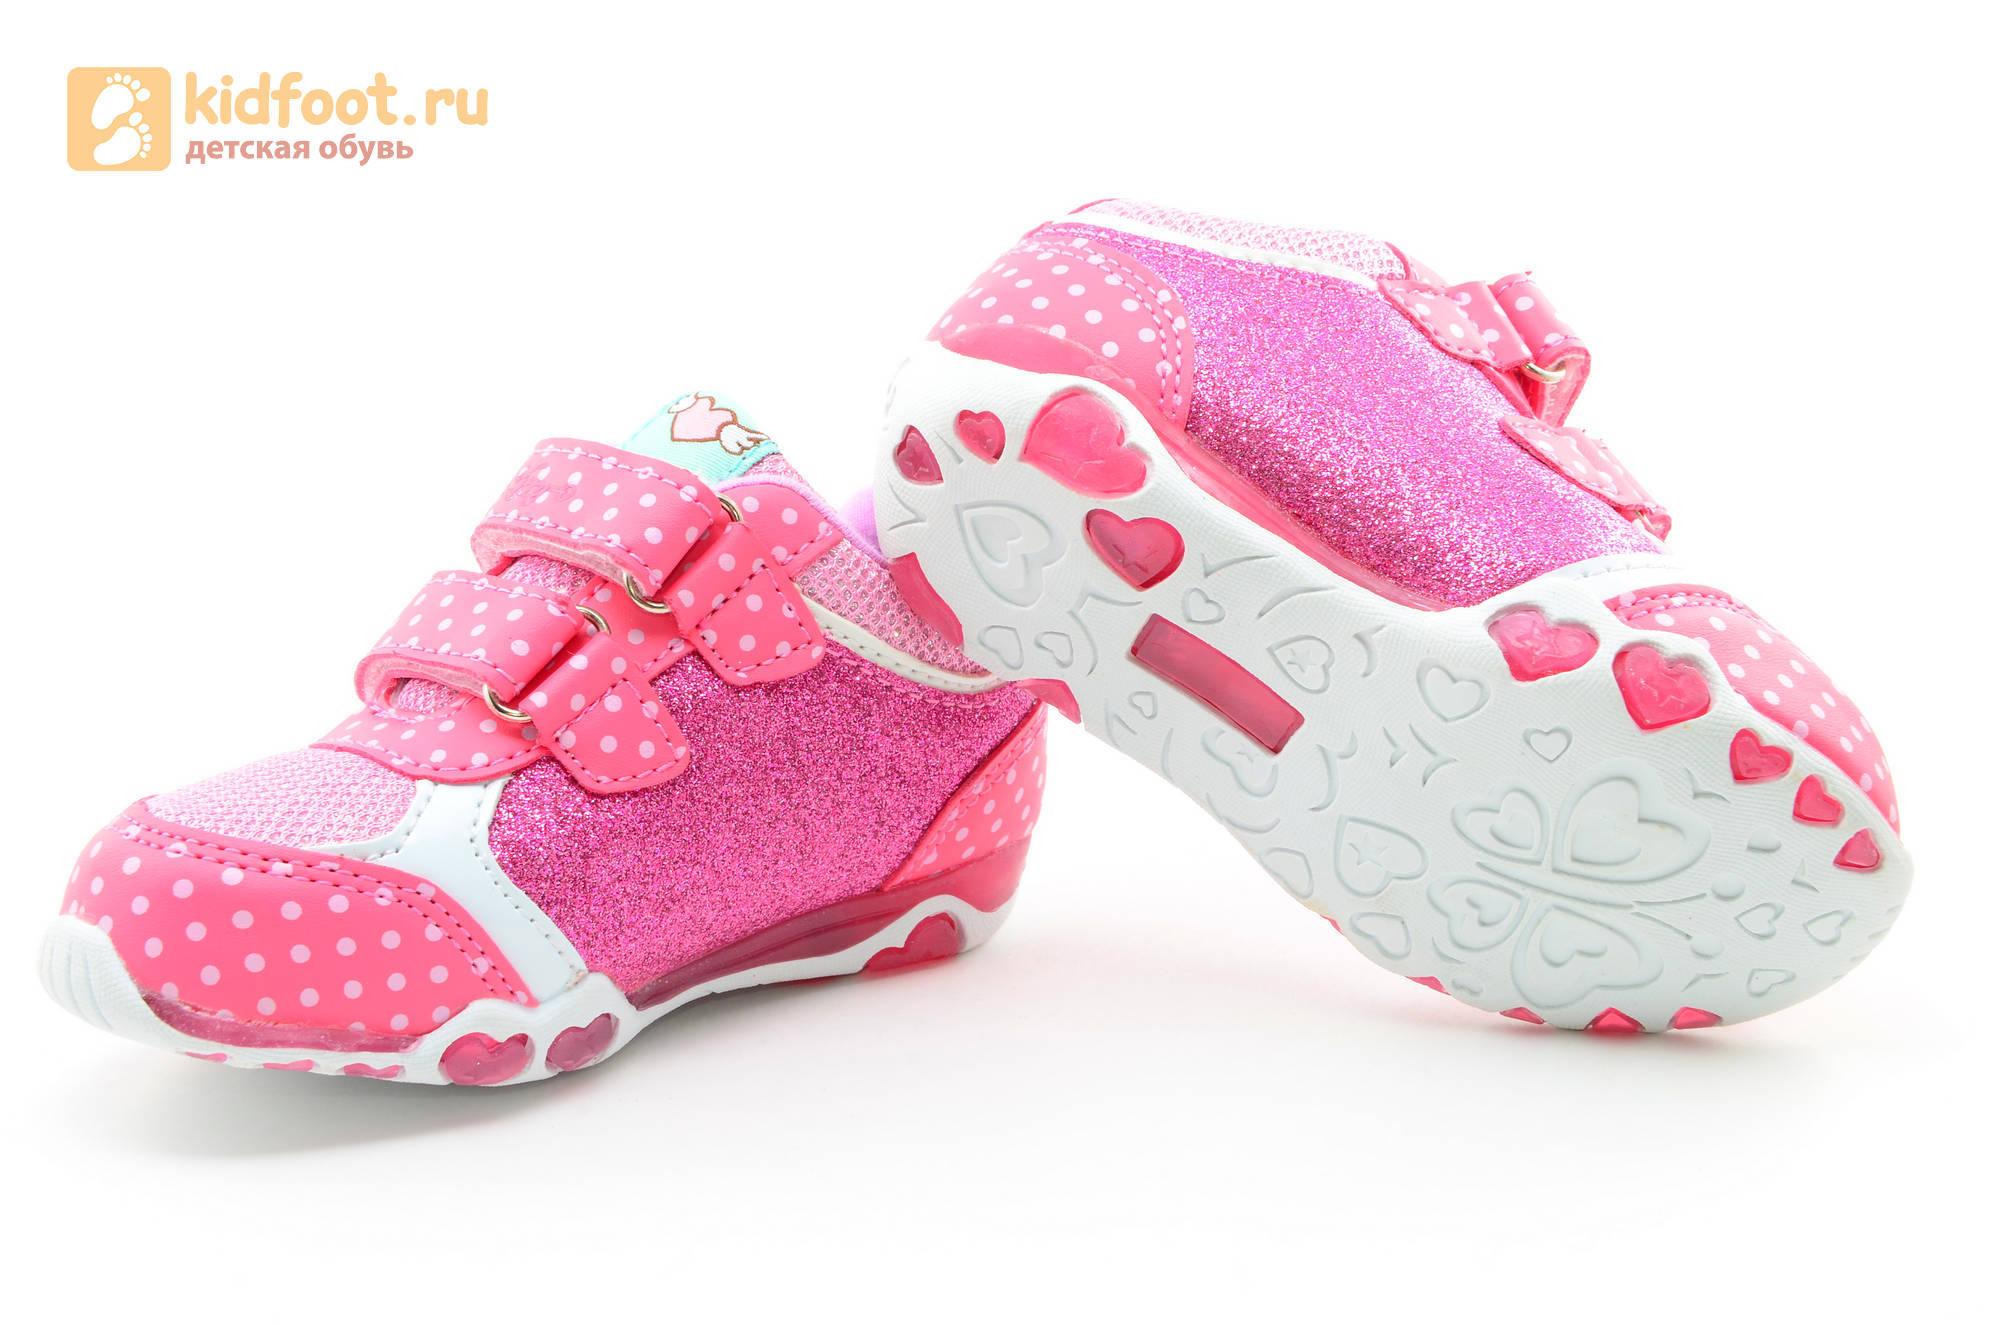 Светящиеся кроссовки для девочек Хелло Китти (Hello Kitty) на липучках, цвет розовый, мигает картинка сбоку